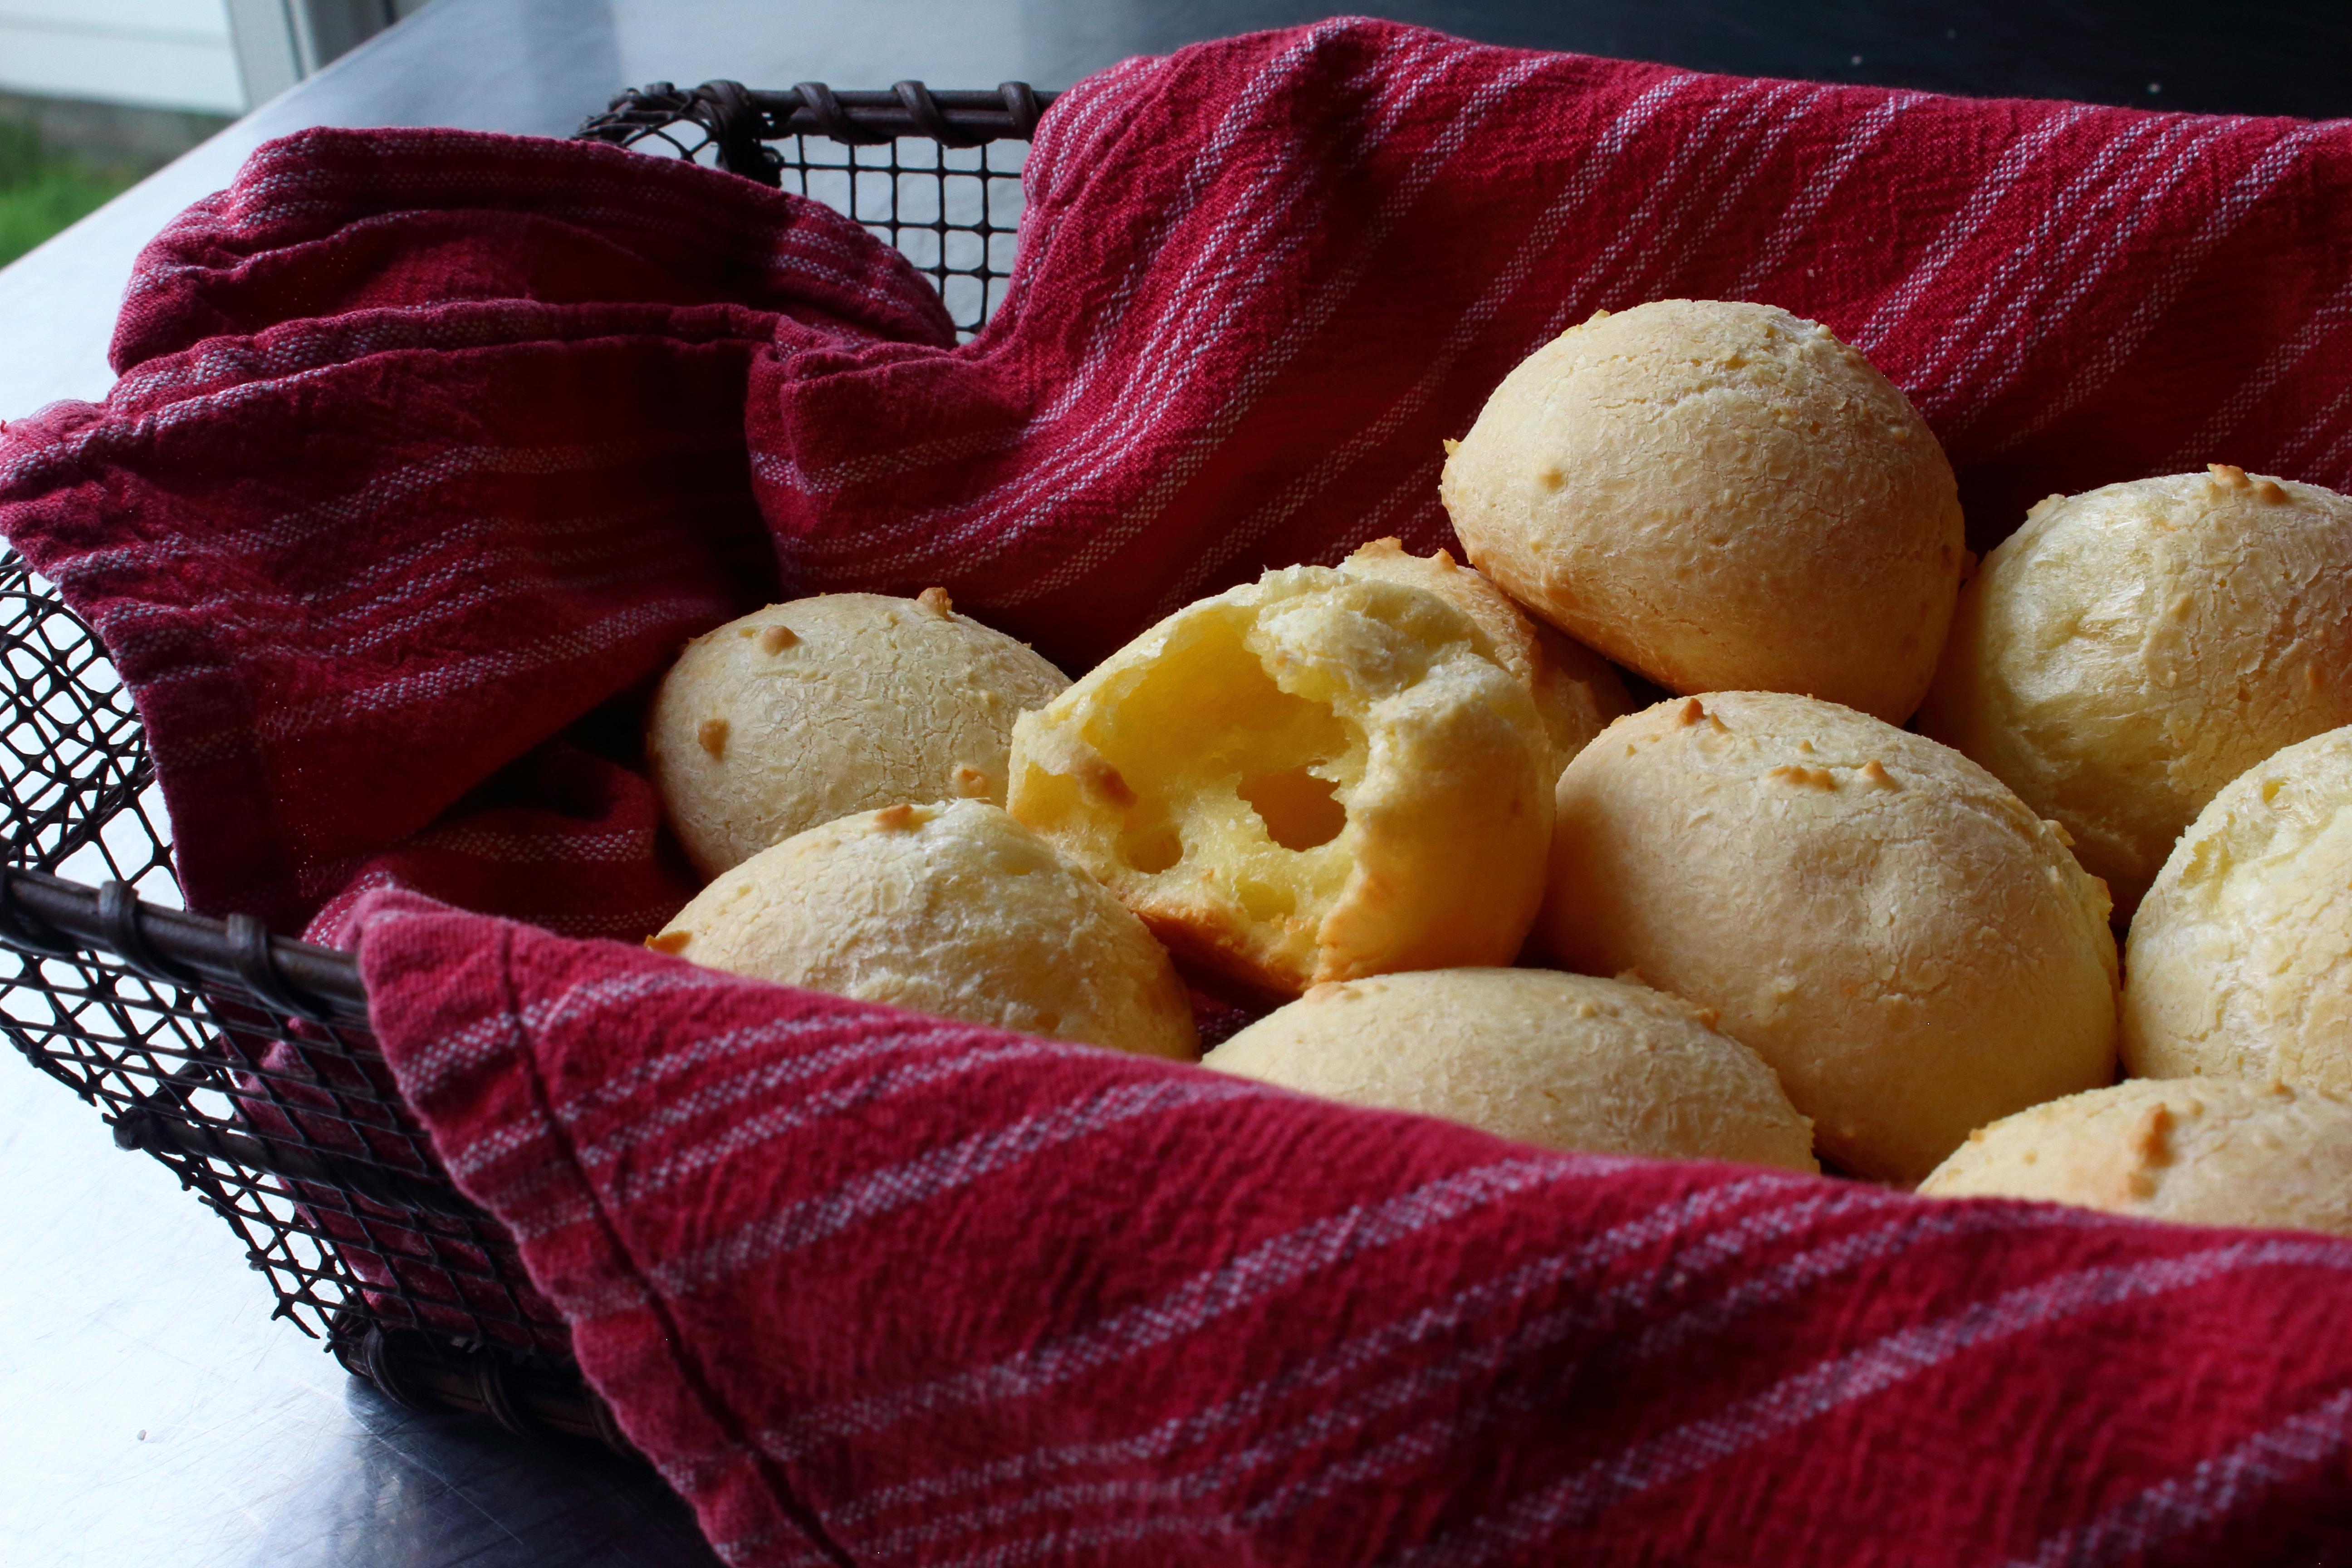 Chef John's Brazilian Cheese Bread (Pao de Queijo)